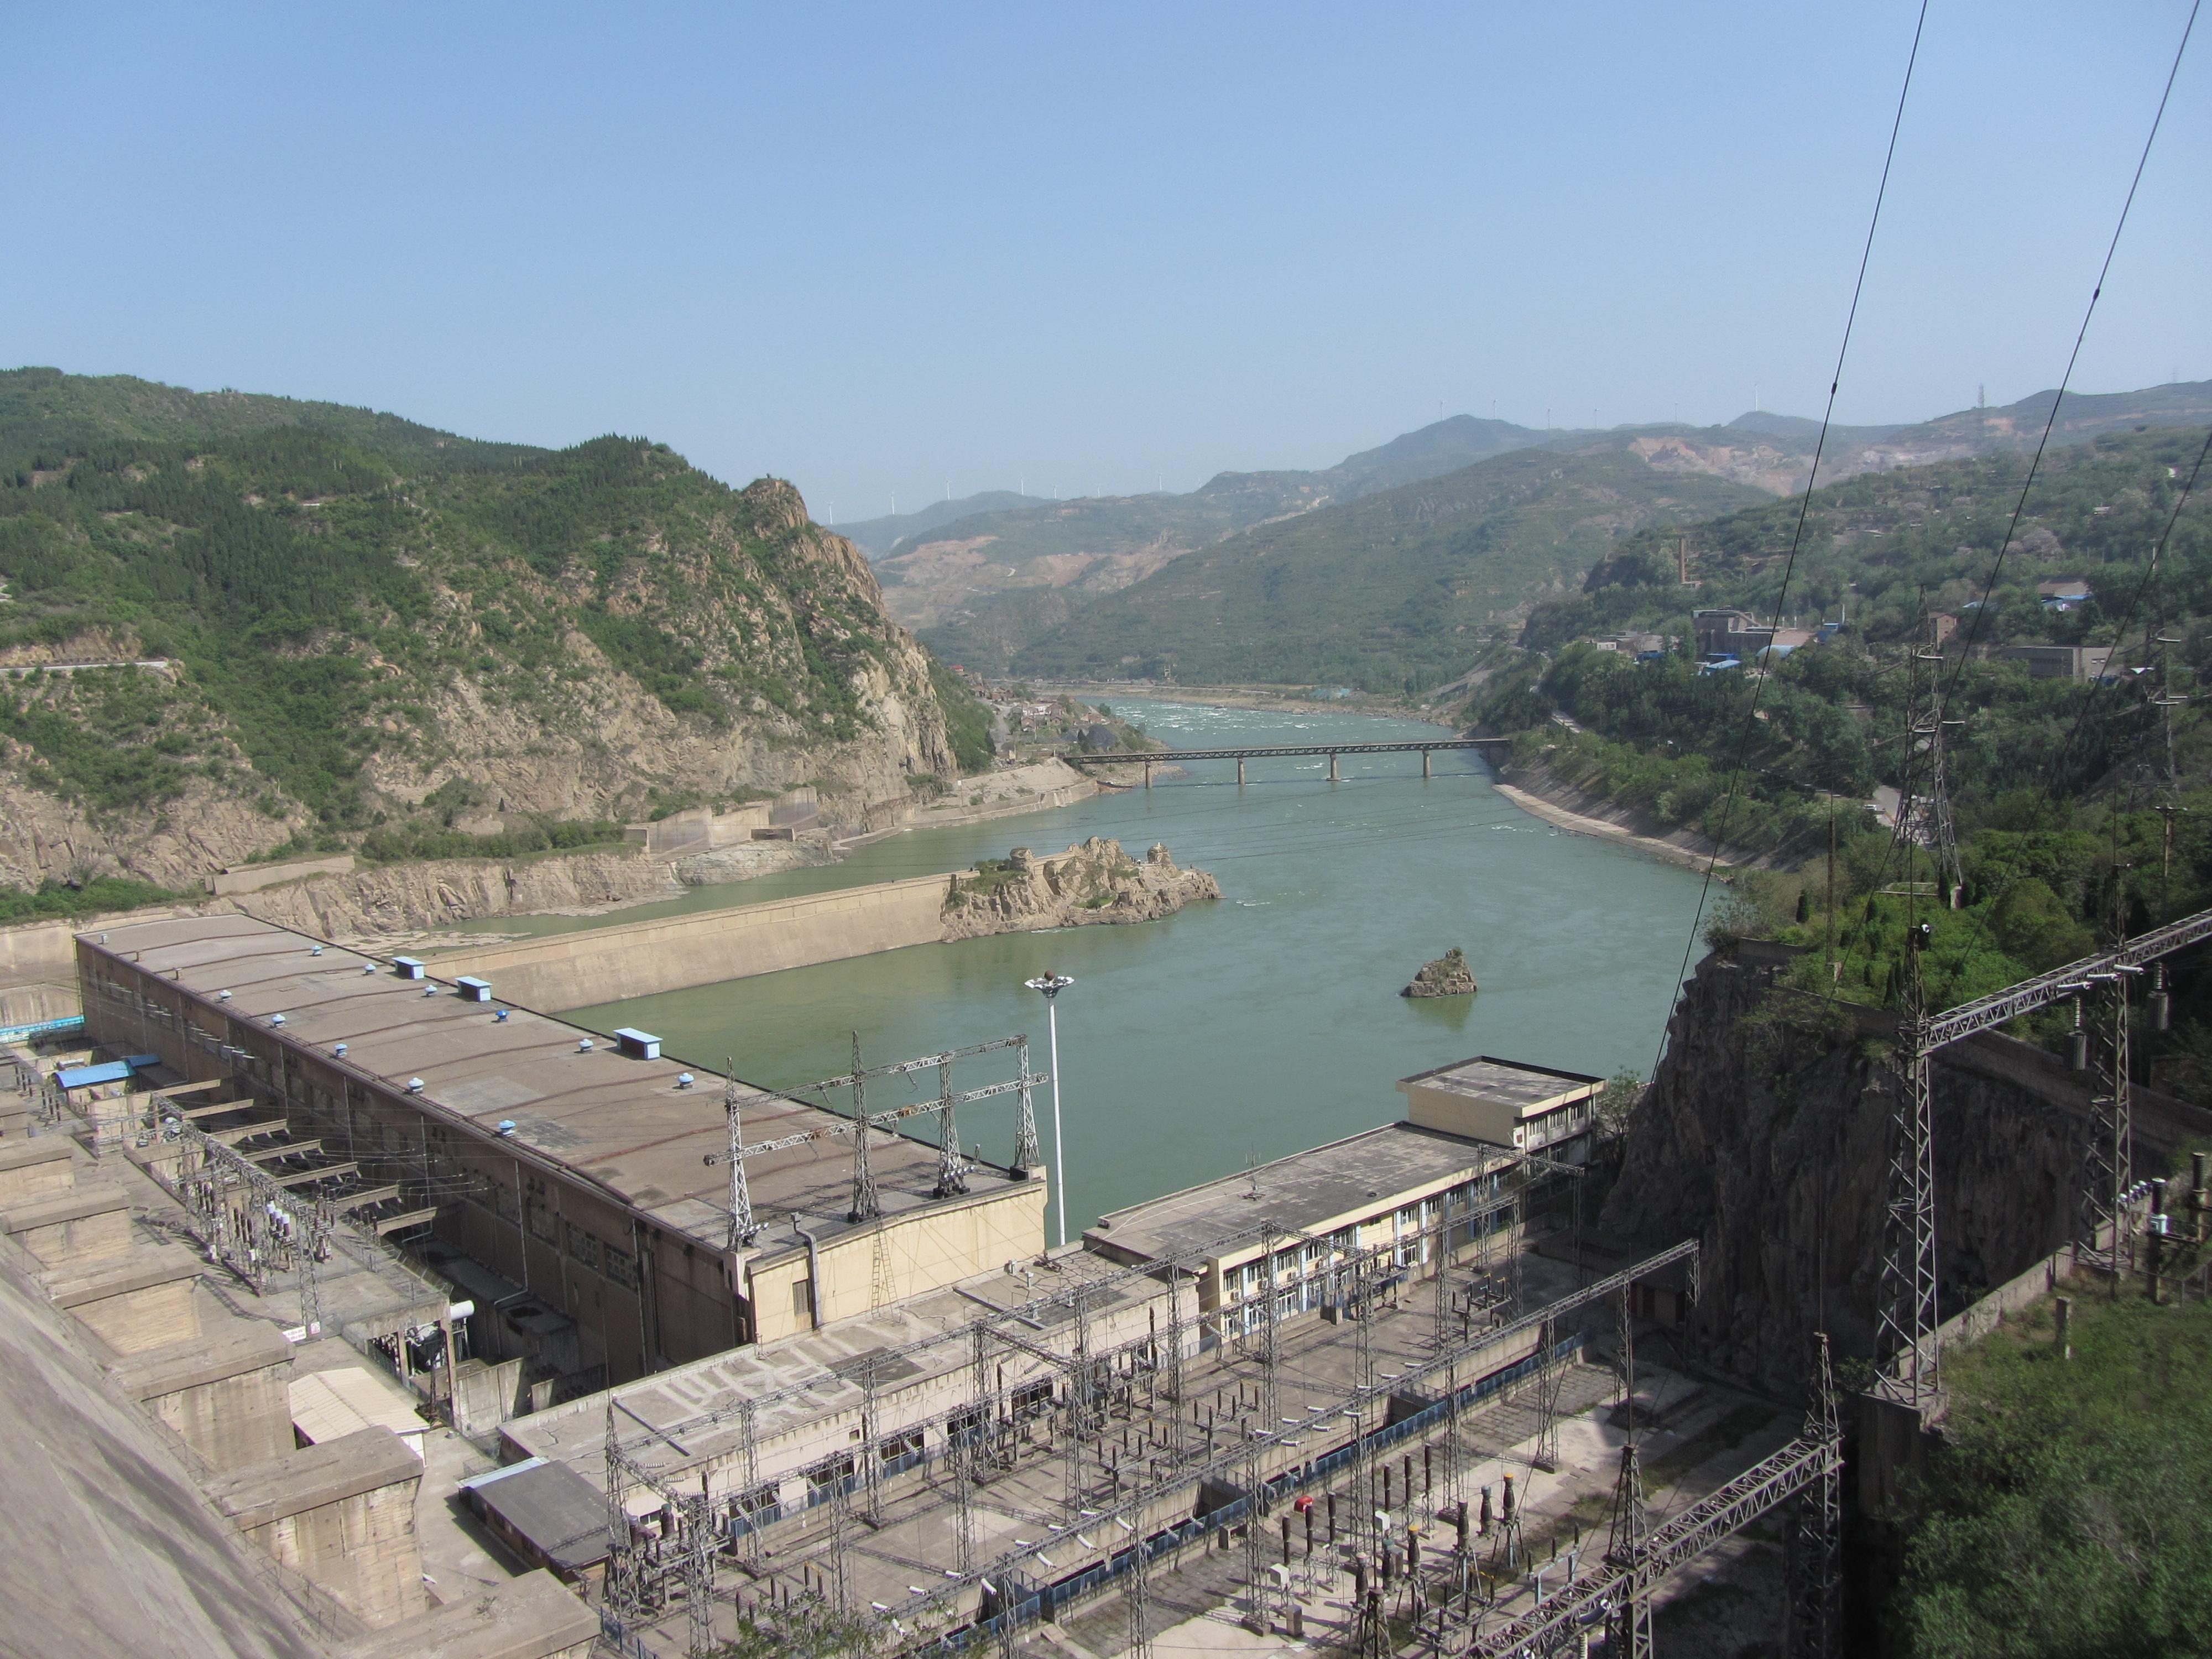 同程首页 攻略社区 走近往事(1)三门峡的思念  大坝高106米,长857米